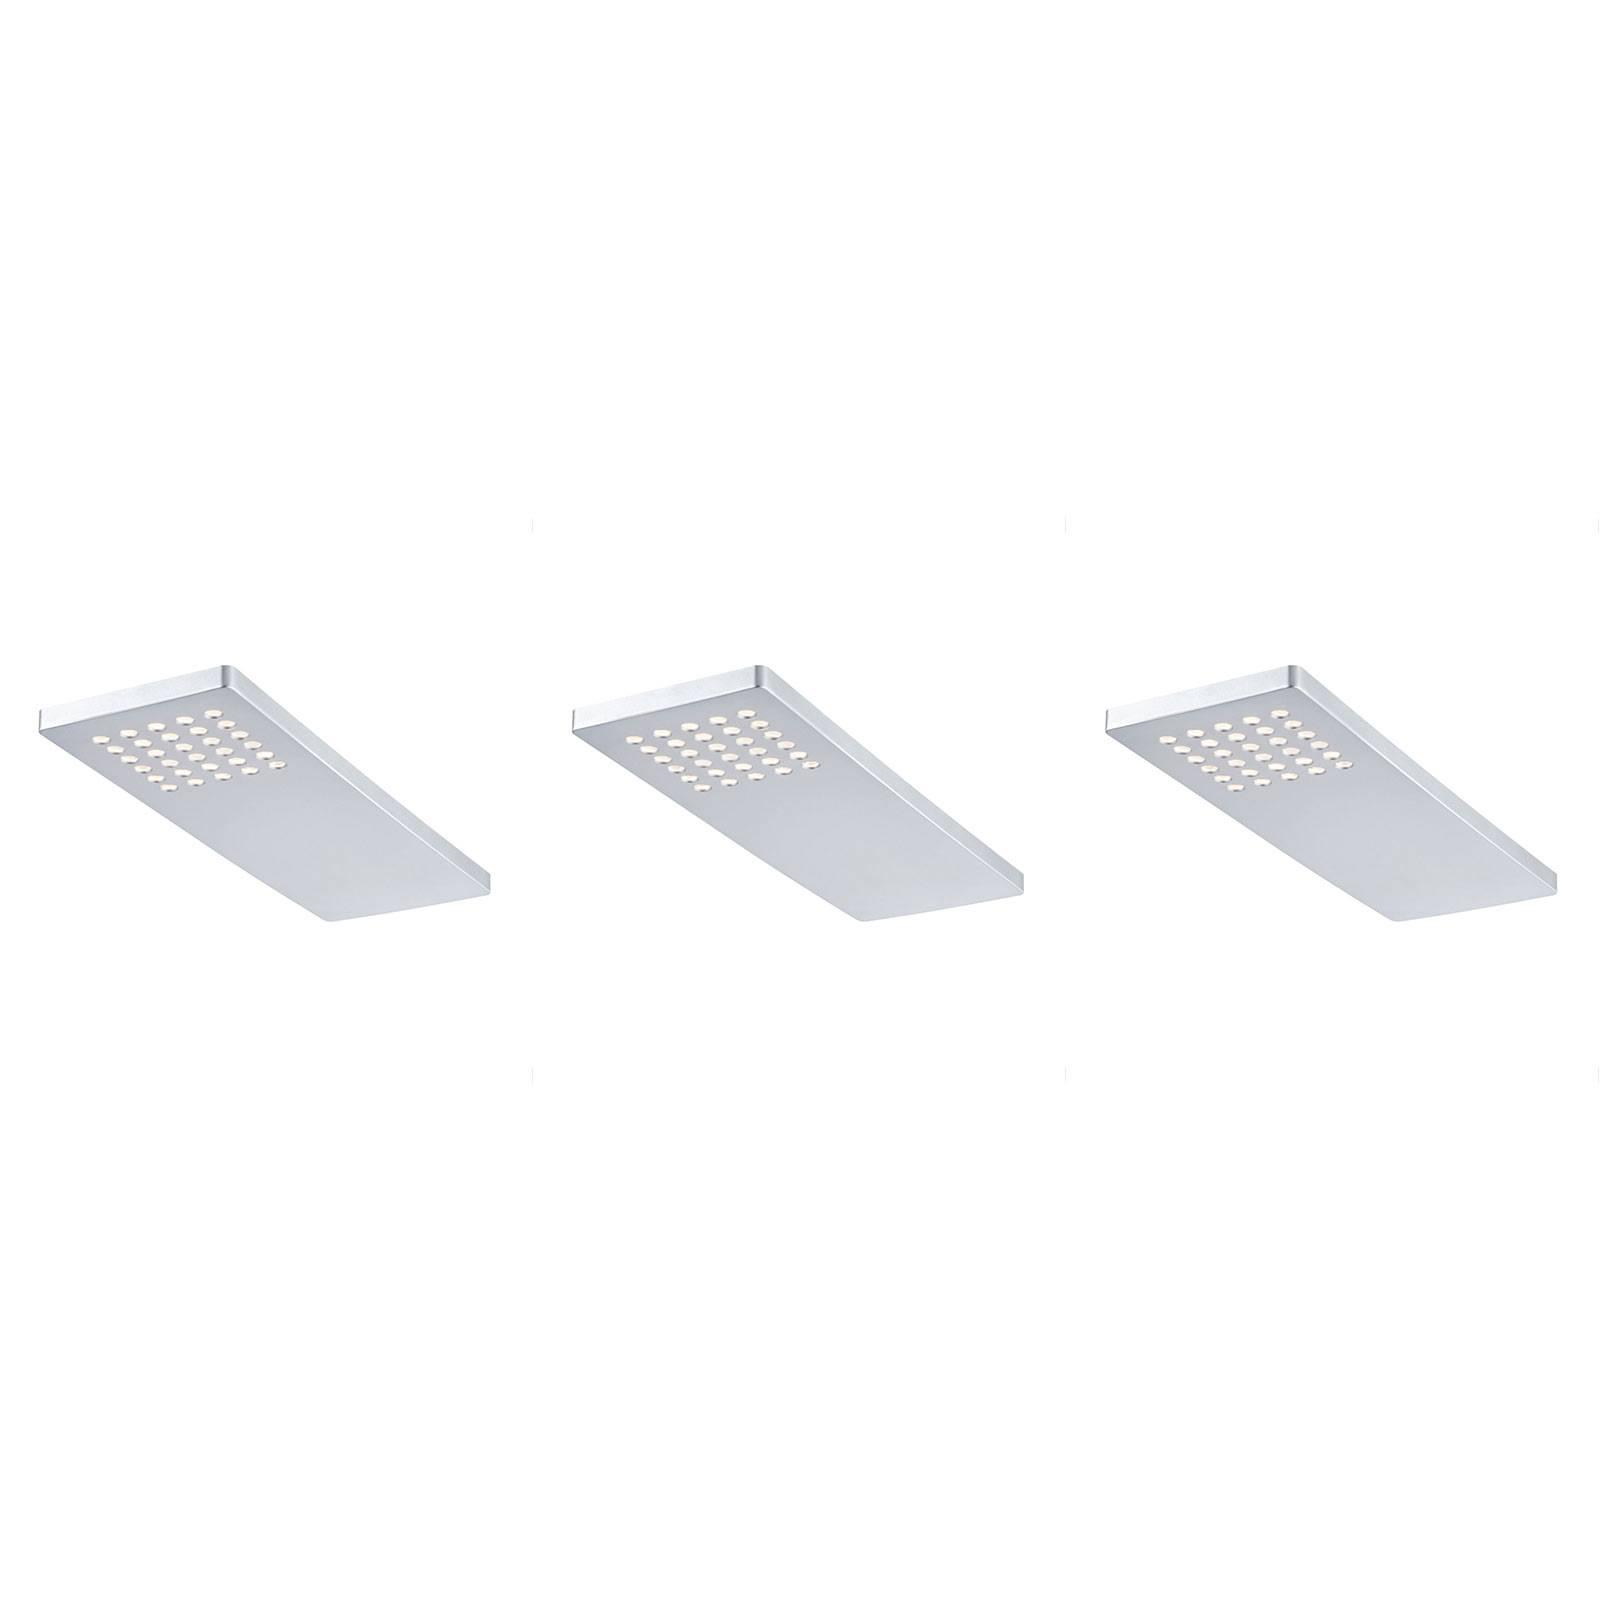 Paulmann Pattern LED-kaapinalusvalaisin 3 kpl